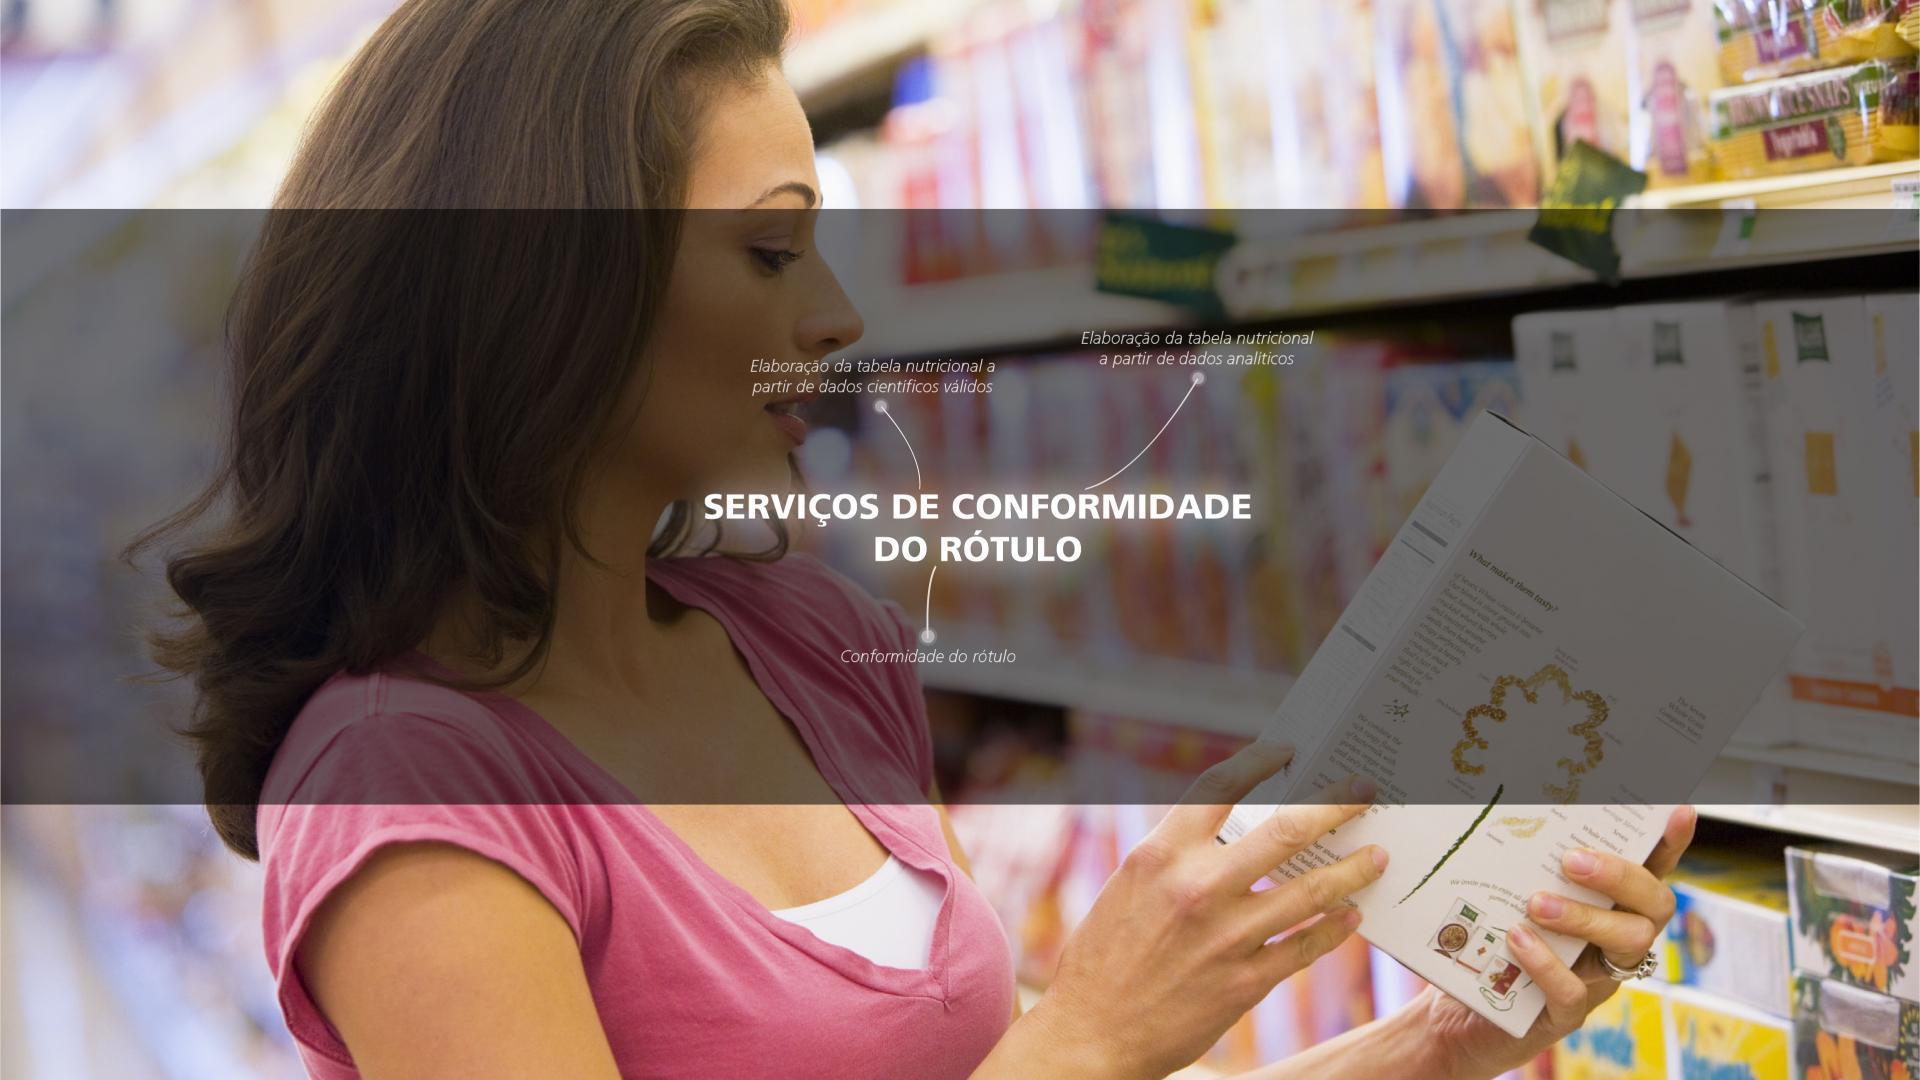 Mérieux NutriSciences - Labeling and Regulatory -SERVIÇOS DE CONFORMIDADE DO RÓTULO - PL